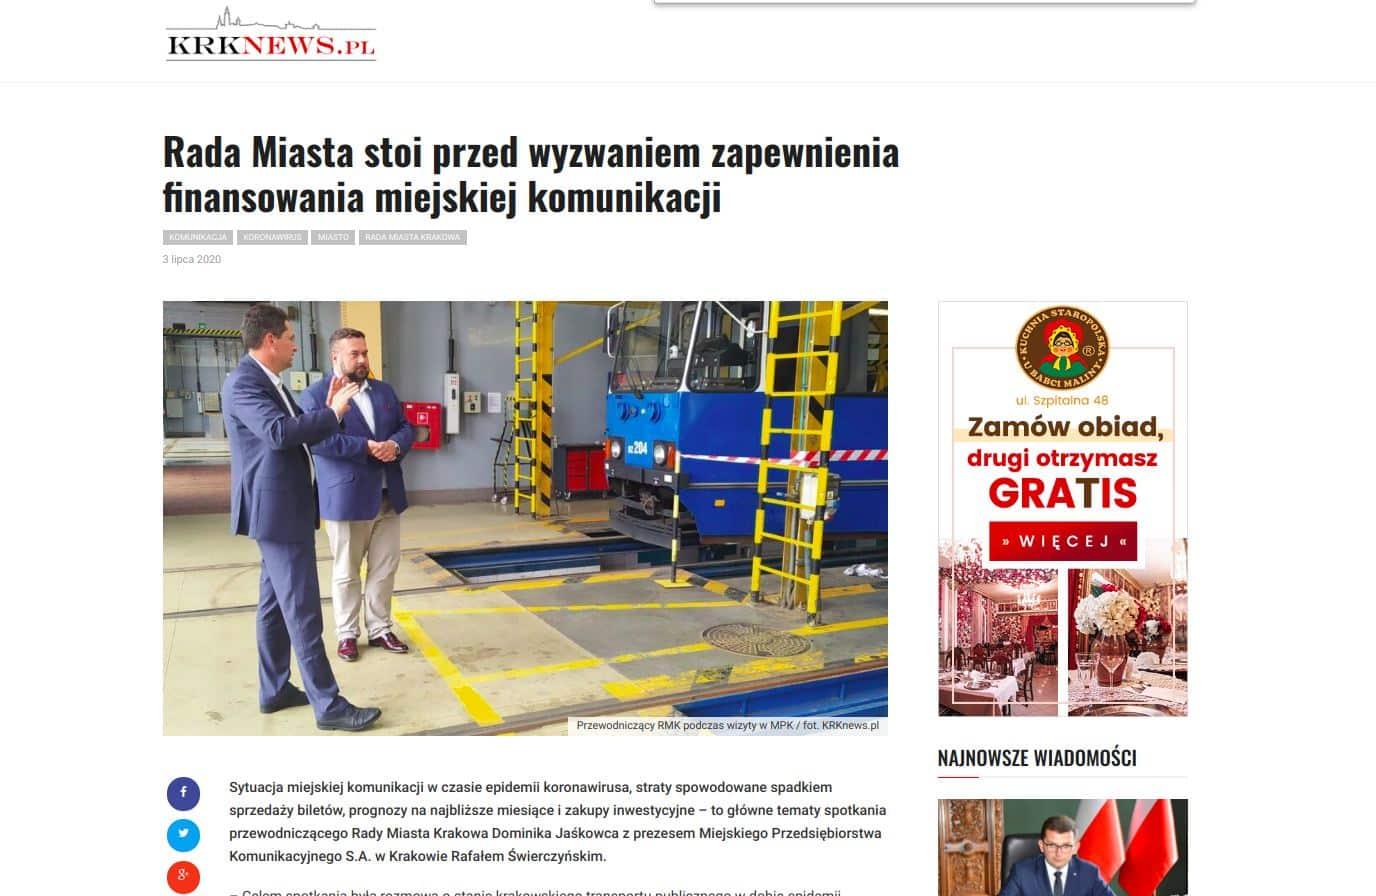 Gospodarska wizyta w MPK. Przewodniczący Rady Miasta Krakowa Dominik Jaśkowiec zapewniał, że jest gotowy pomóc w zakupieniu czwartej transzy nowoczesnych tramwajów.